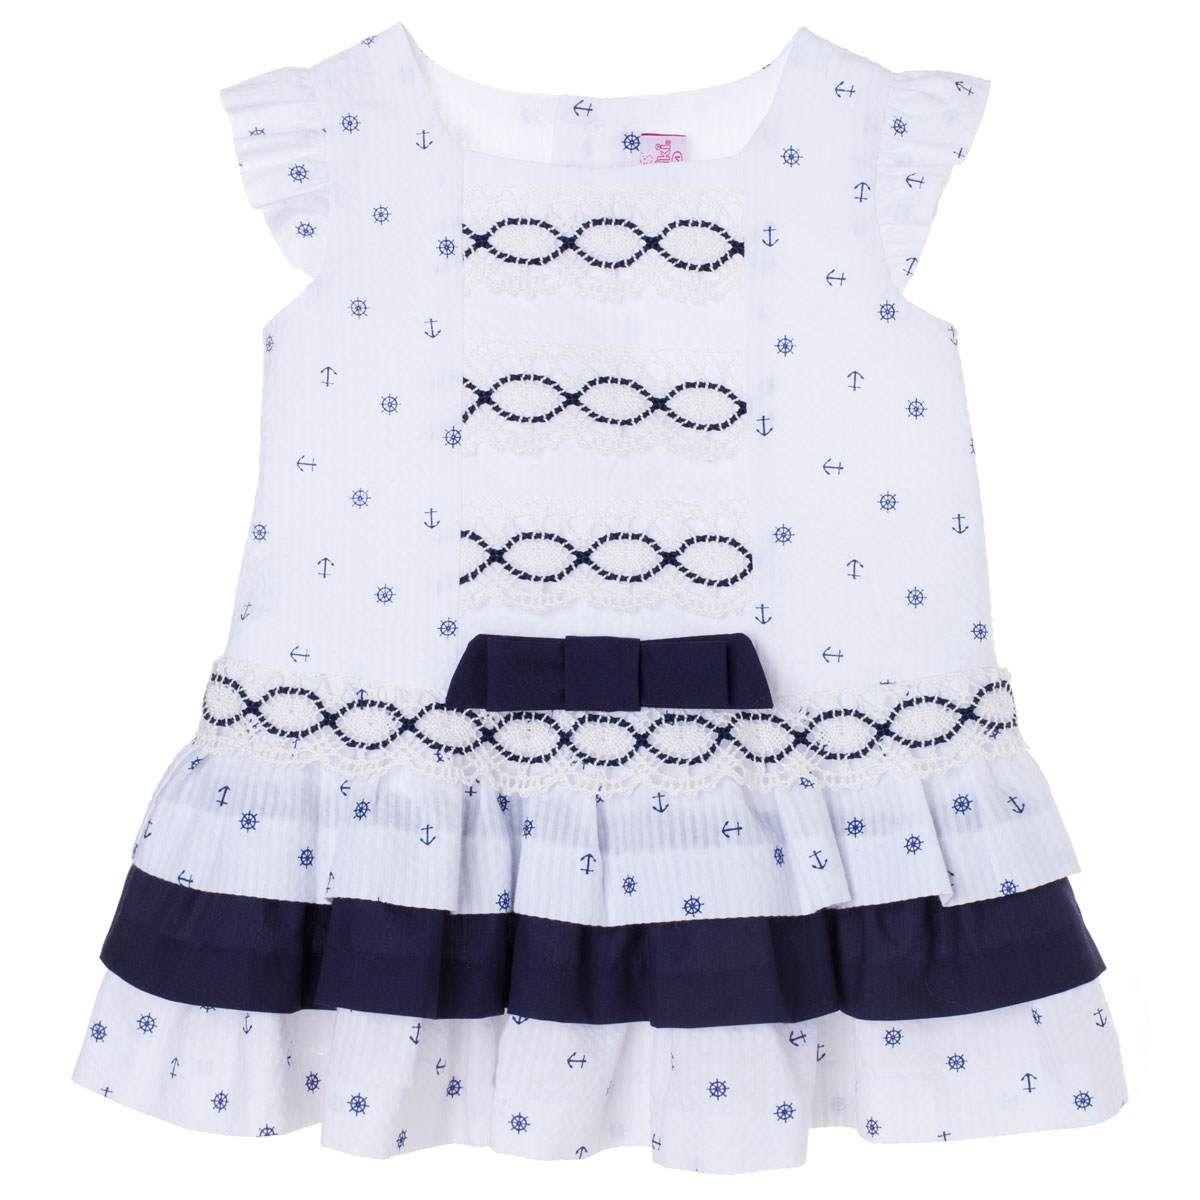 a5abeba57 Vestido Deisy Vestido de bebé niña con talle bajo y volantes en su falda.